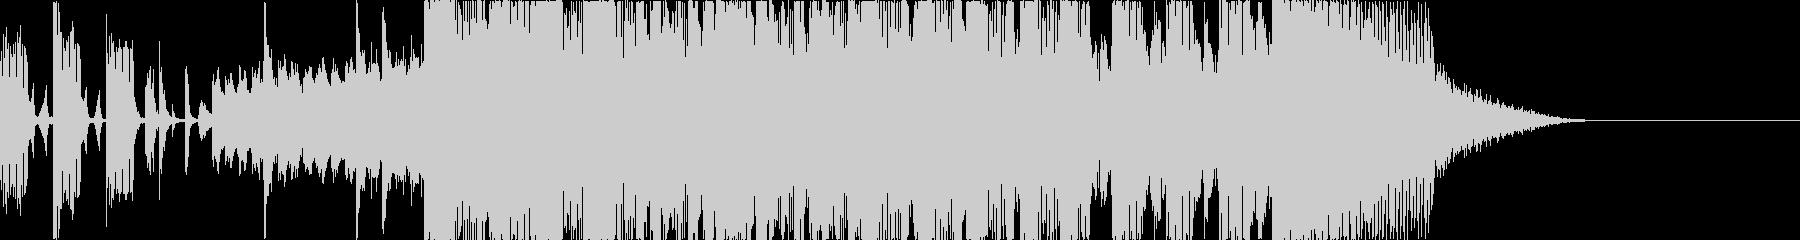 沖縄っぽいアタック音の未再生の波形